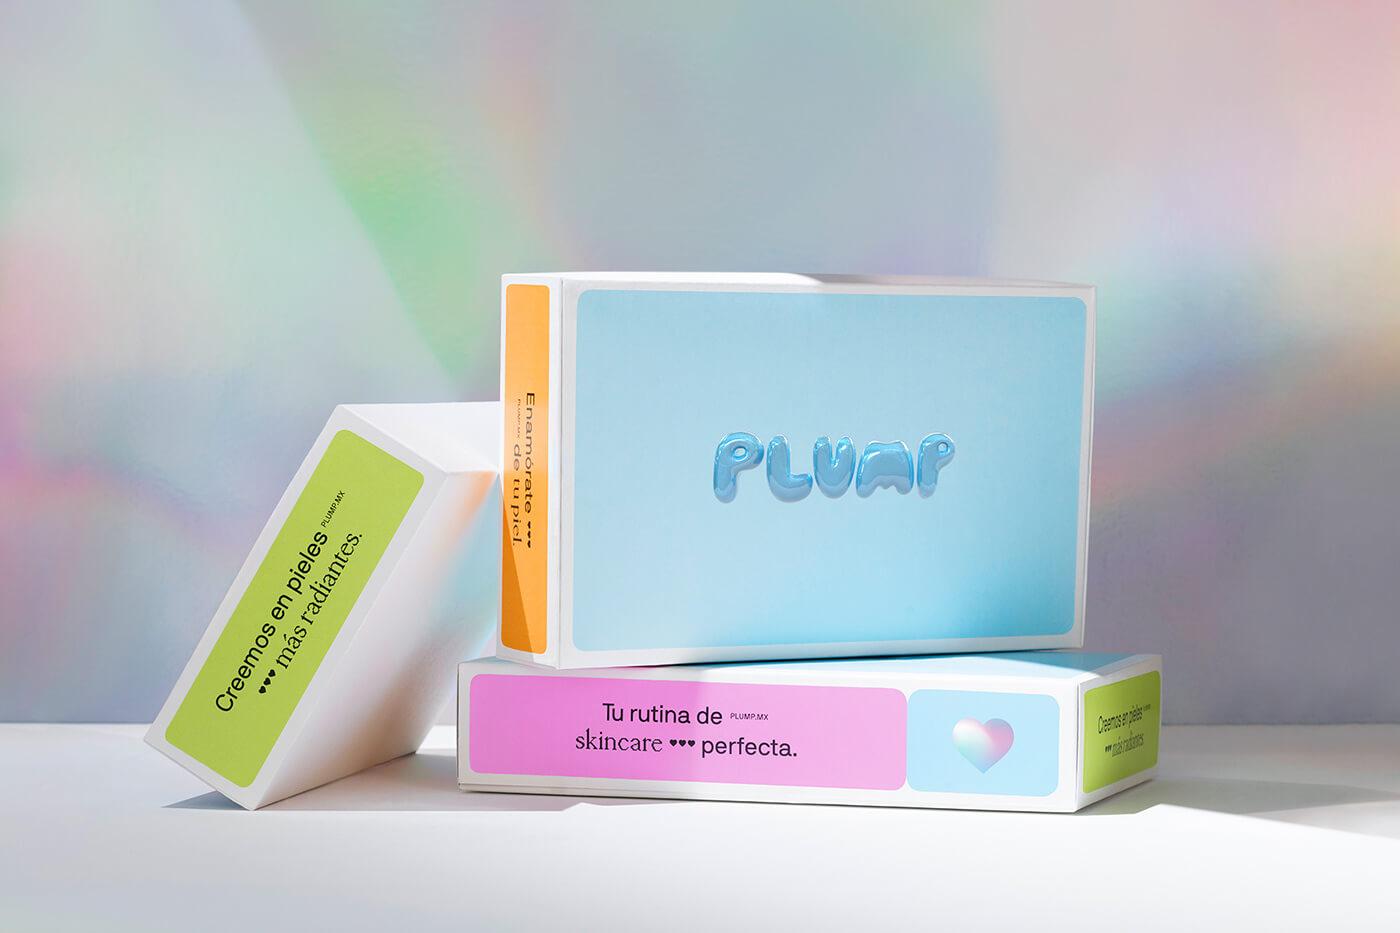 Plump Brand Identity